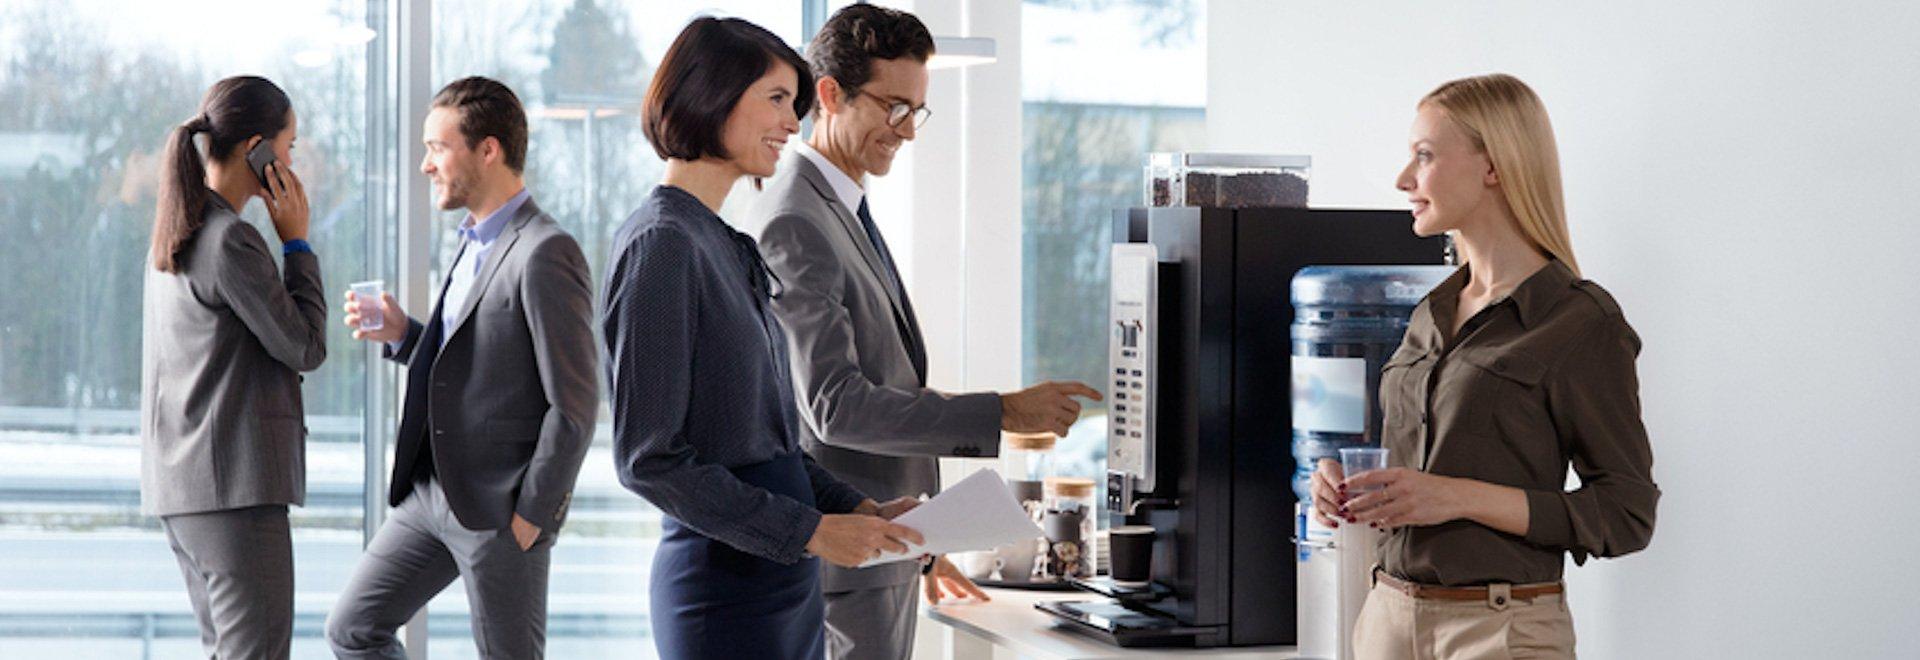 מכונות קפה מומלצות ופתרונות קפה לעסק ולבית 1